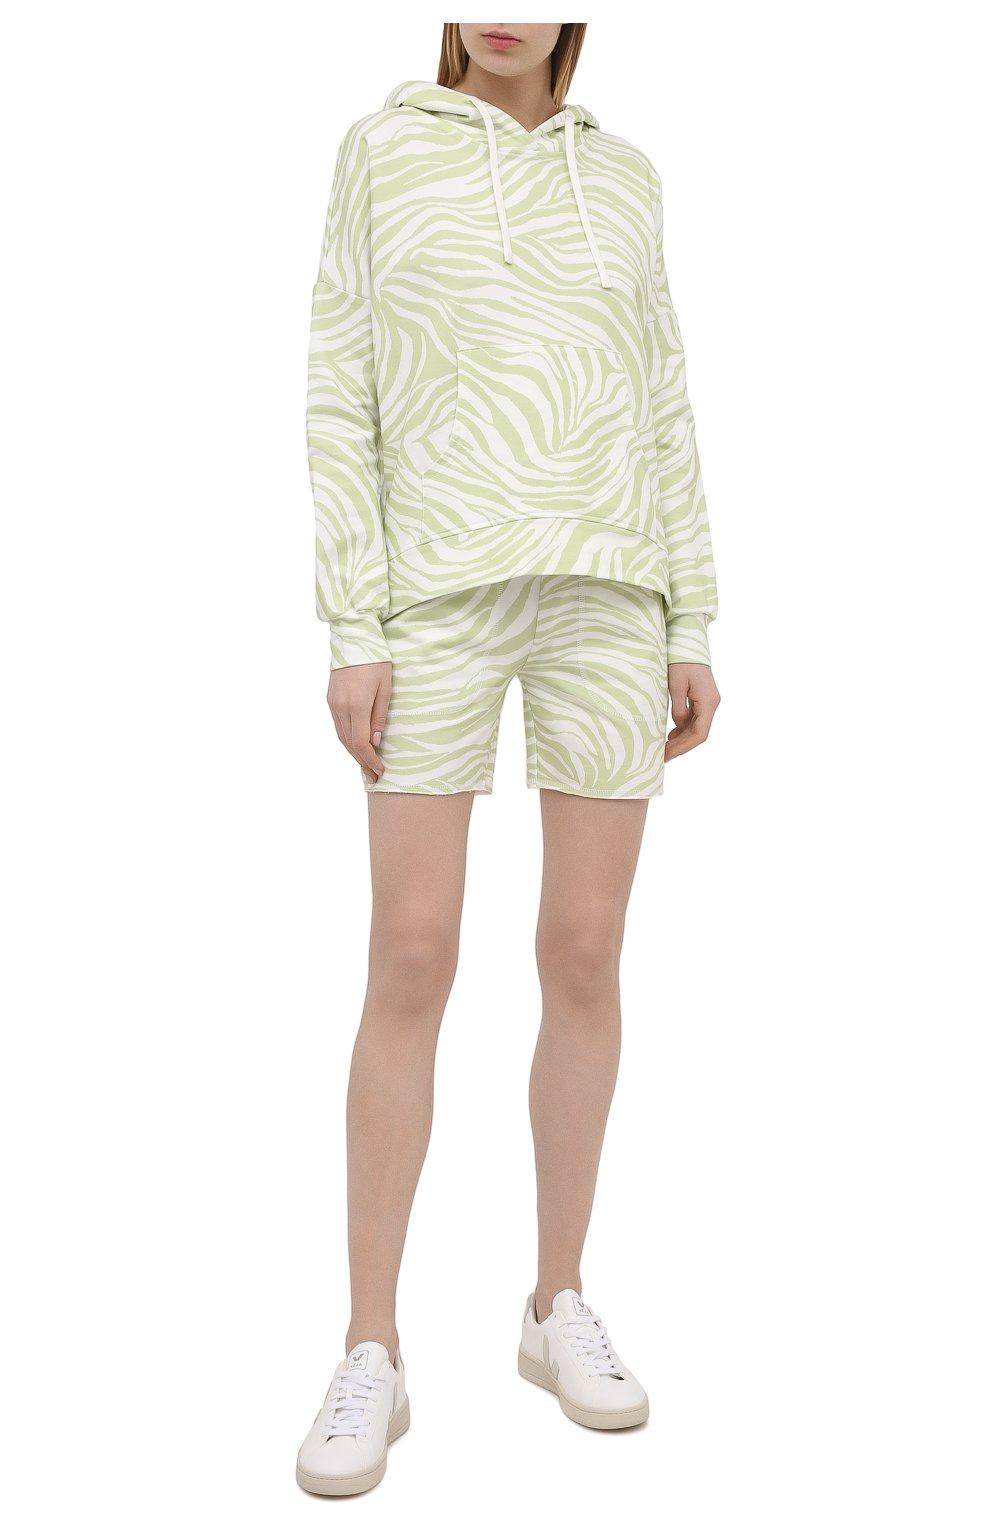 Женские хлопковые шорты EVA B.BITZER светло-зеленого цвета, арт. 11323345 | Фото 2 (Длина Ж (юбки, платья, шорты): Мини; Женское Кросс-КТ: Домашние шорты; Материал внешний: Хлопок)